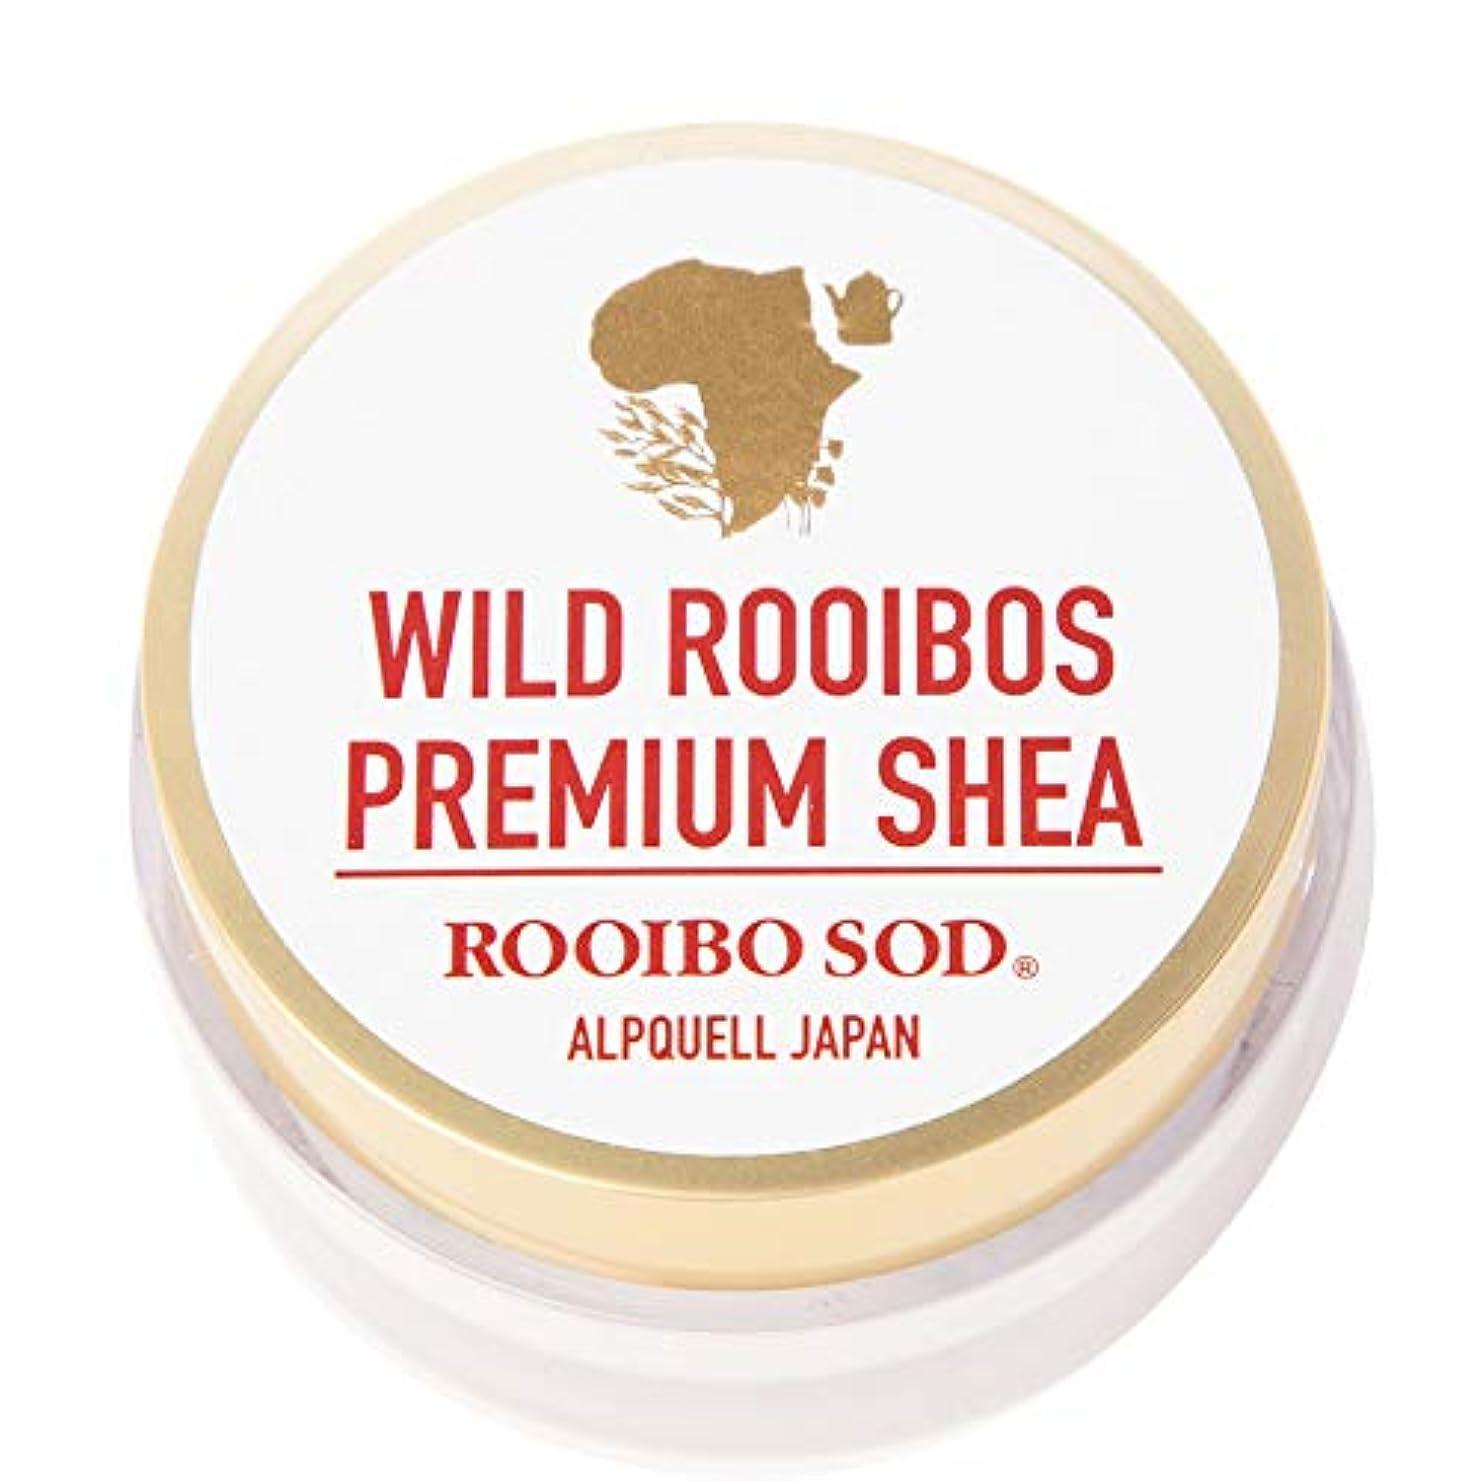 つぶやき結婚式しおれたROOIBO SOD ルイボソード プレミアムシアクリーム シア脂 ルイボスエキス配合 無添加、天然成分100%